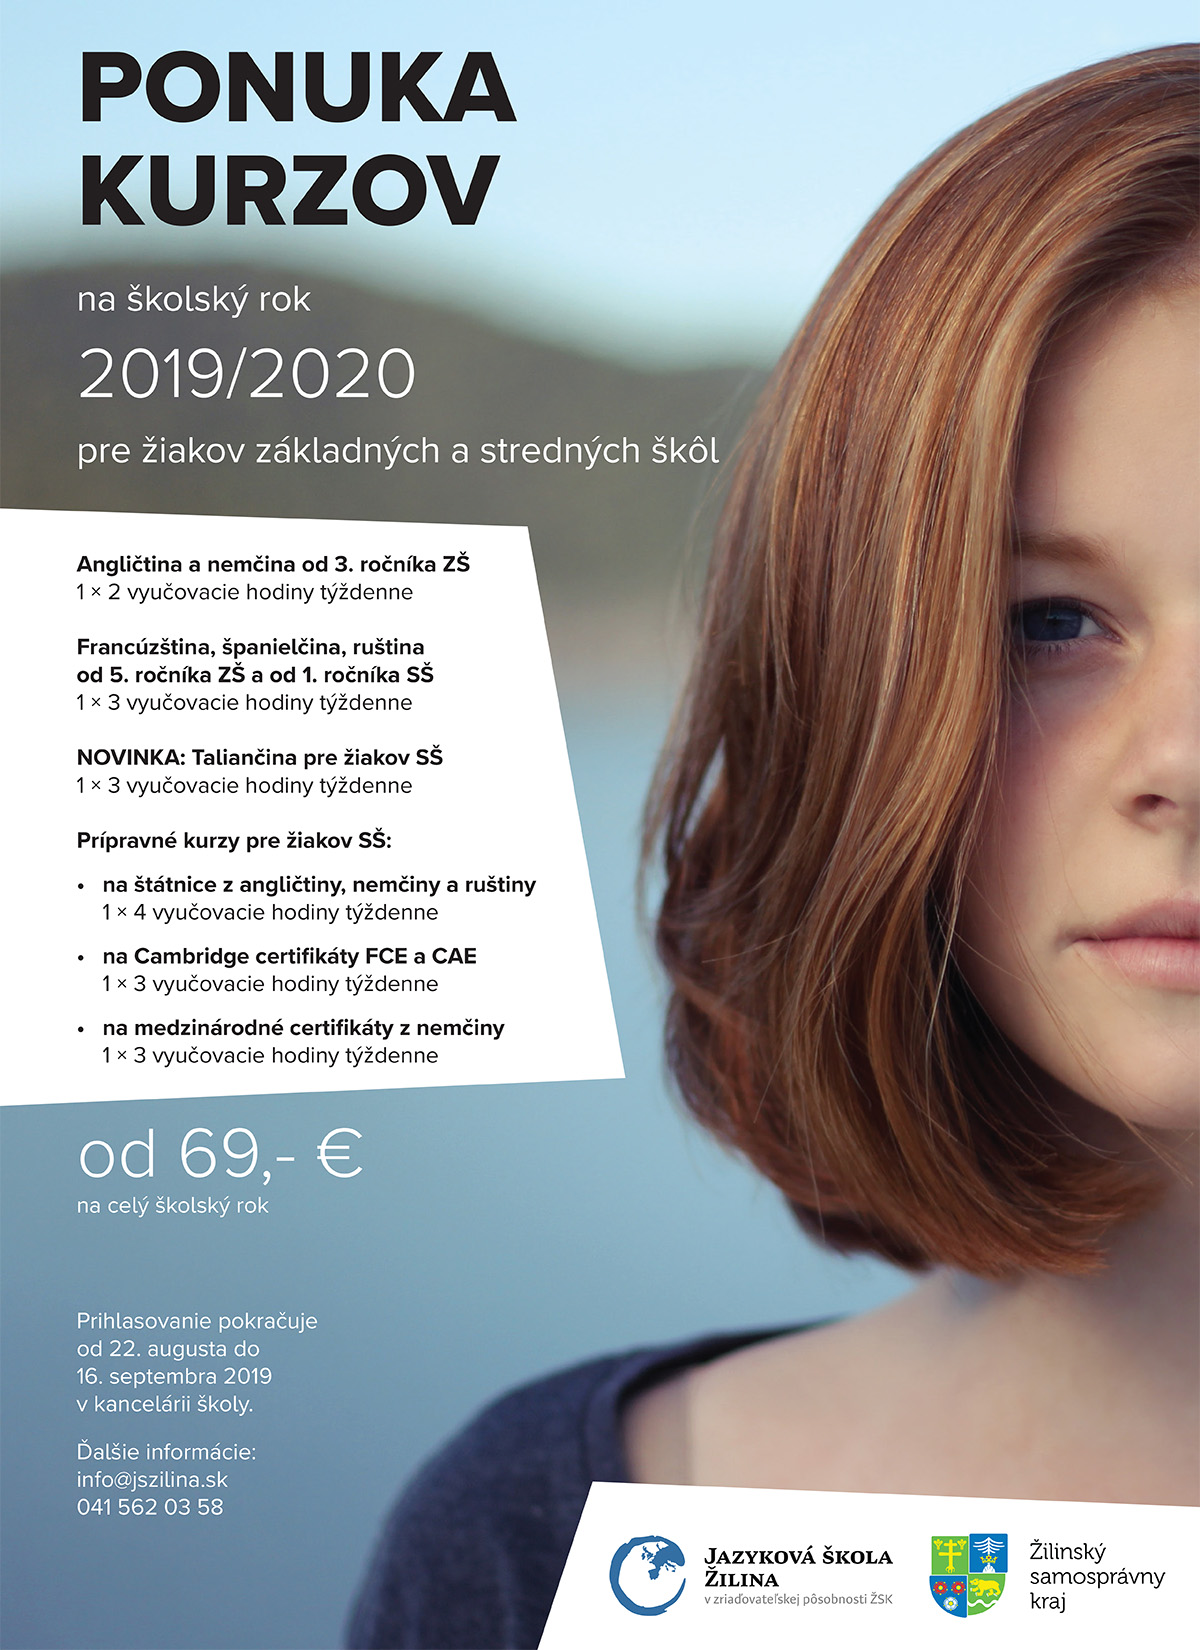 Program má hovorenú výslovnosť angličtiny, nemčiny, ruštiny, francúzštiny, španielčiny, taliančiny.